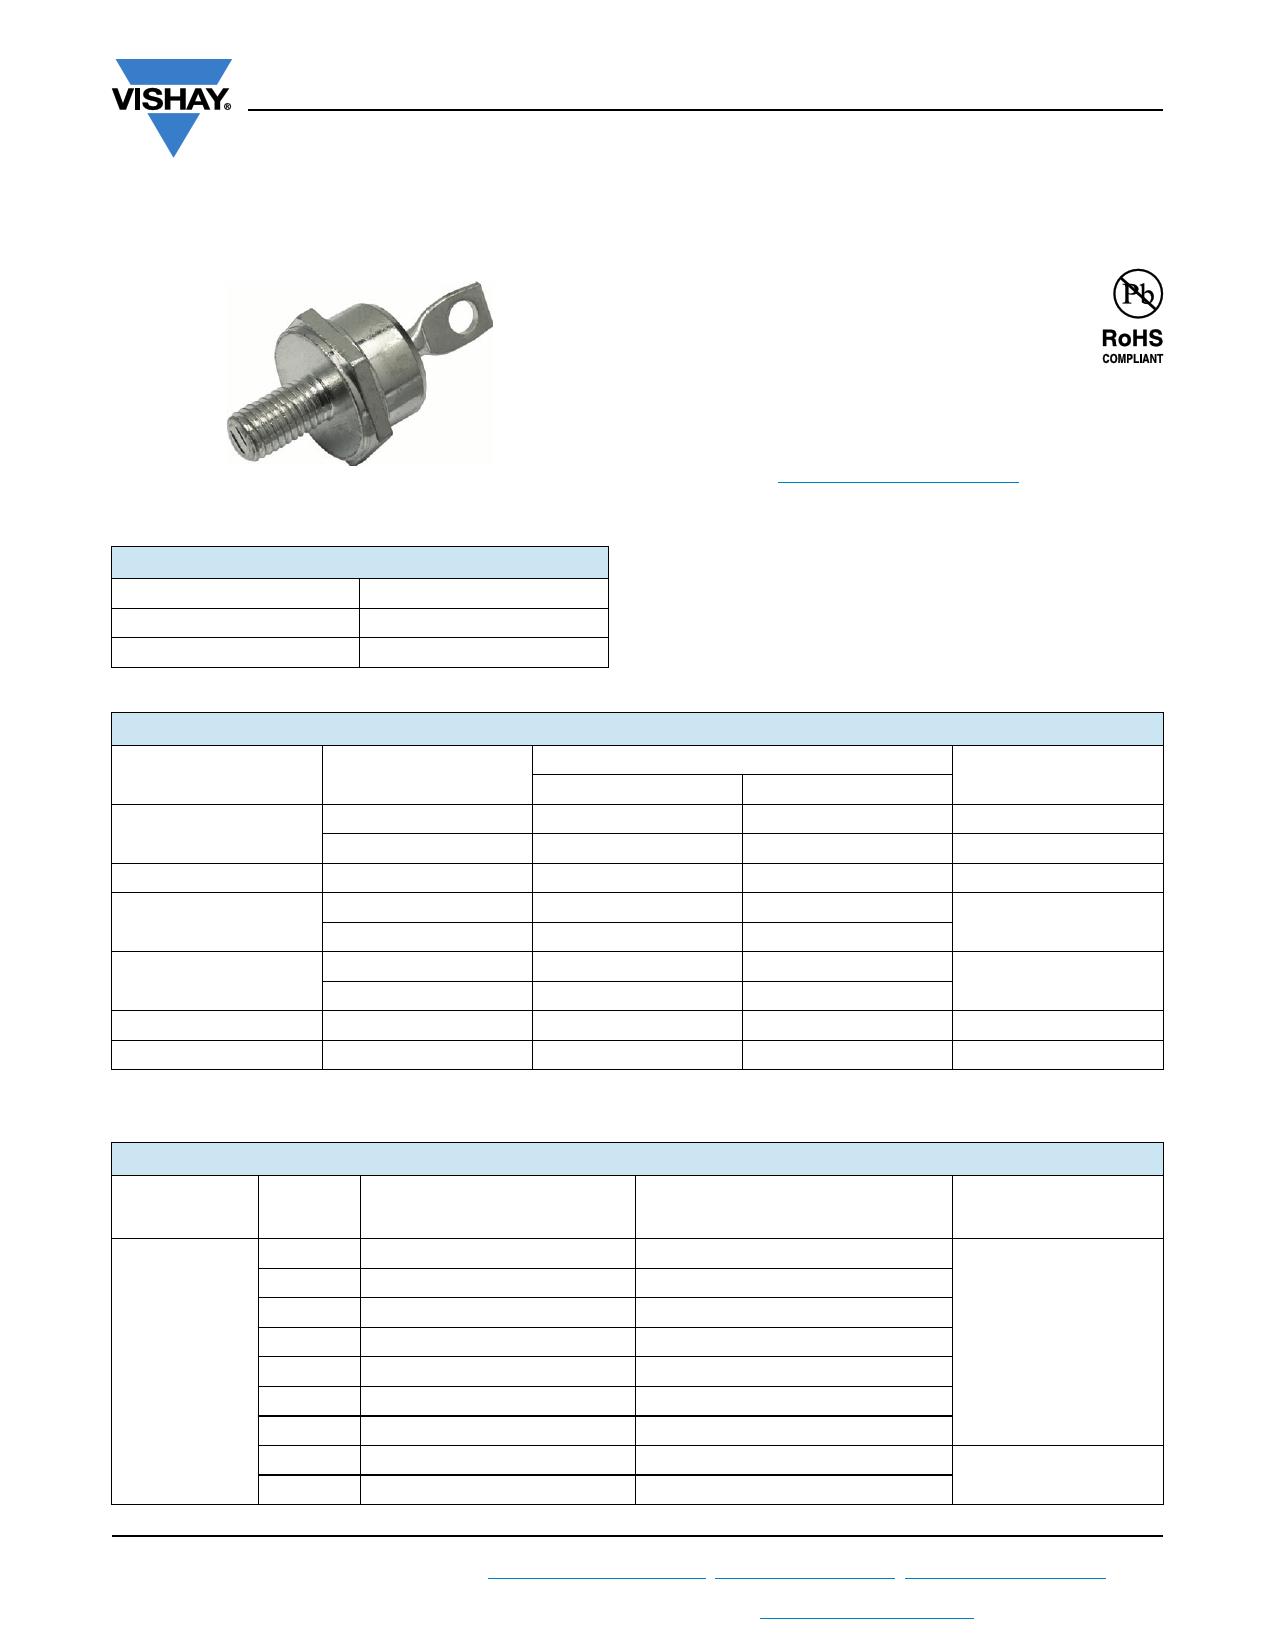 VS-87HFR80 datasheet